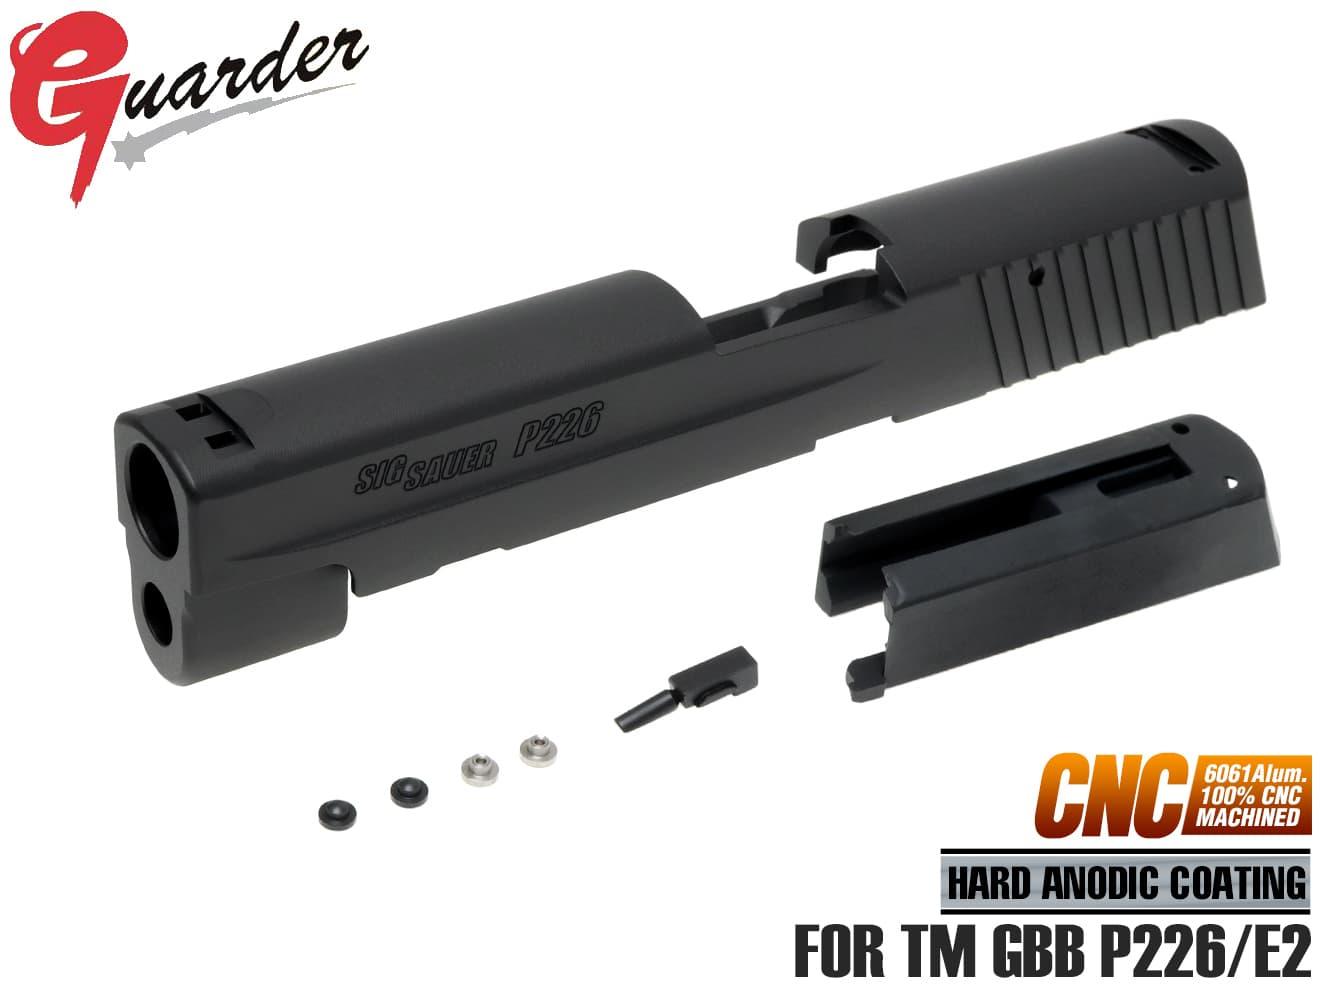 P226-47(BK)■GUARDER A6061 アルミ CNCスライド Late Version Marking for マルイ P226/E2用◆東京マルイ GBB P226/E2対応 専用軽量ハウジング付属